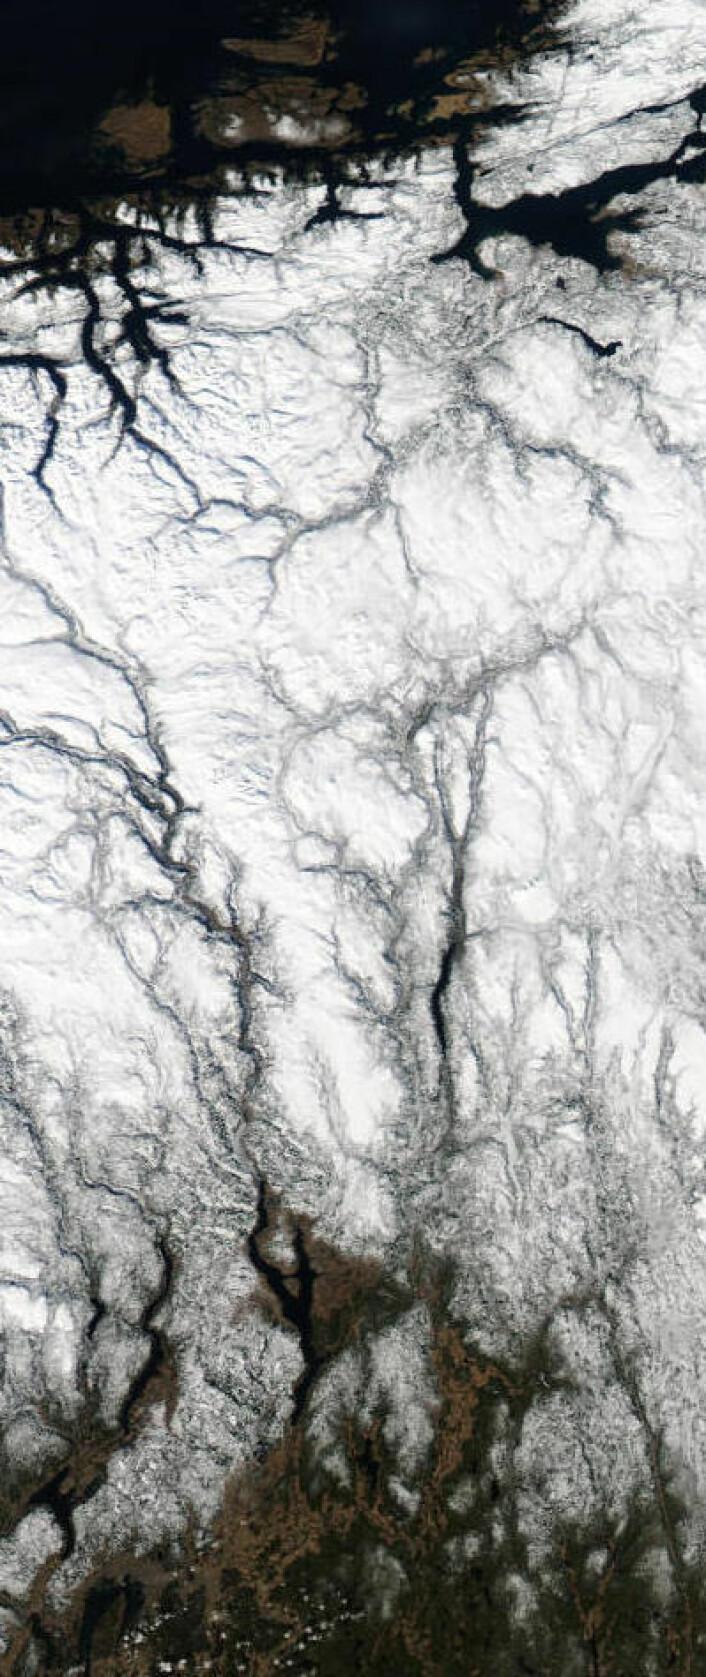 Sør-Norge i vårsol, sett fra NASA-satellitten Aqua tirsdag 25. mars 2014. (Oppløsningen er redusert med 2x for å få plass til et bredere spor). (Foto: (NASA Aqua MODIS))